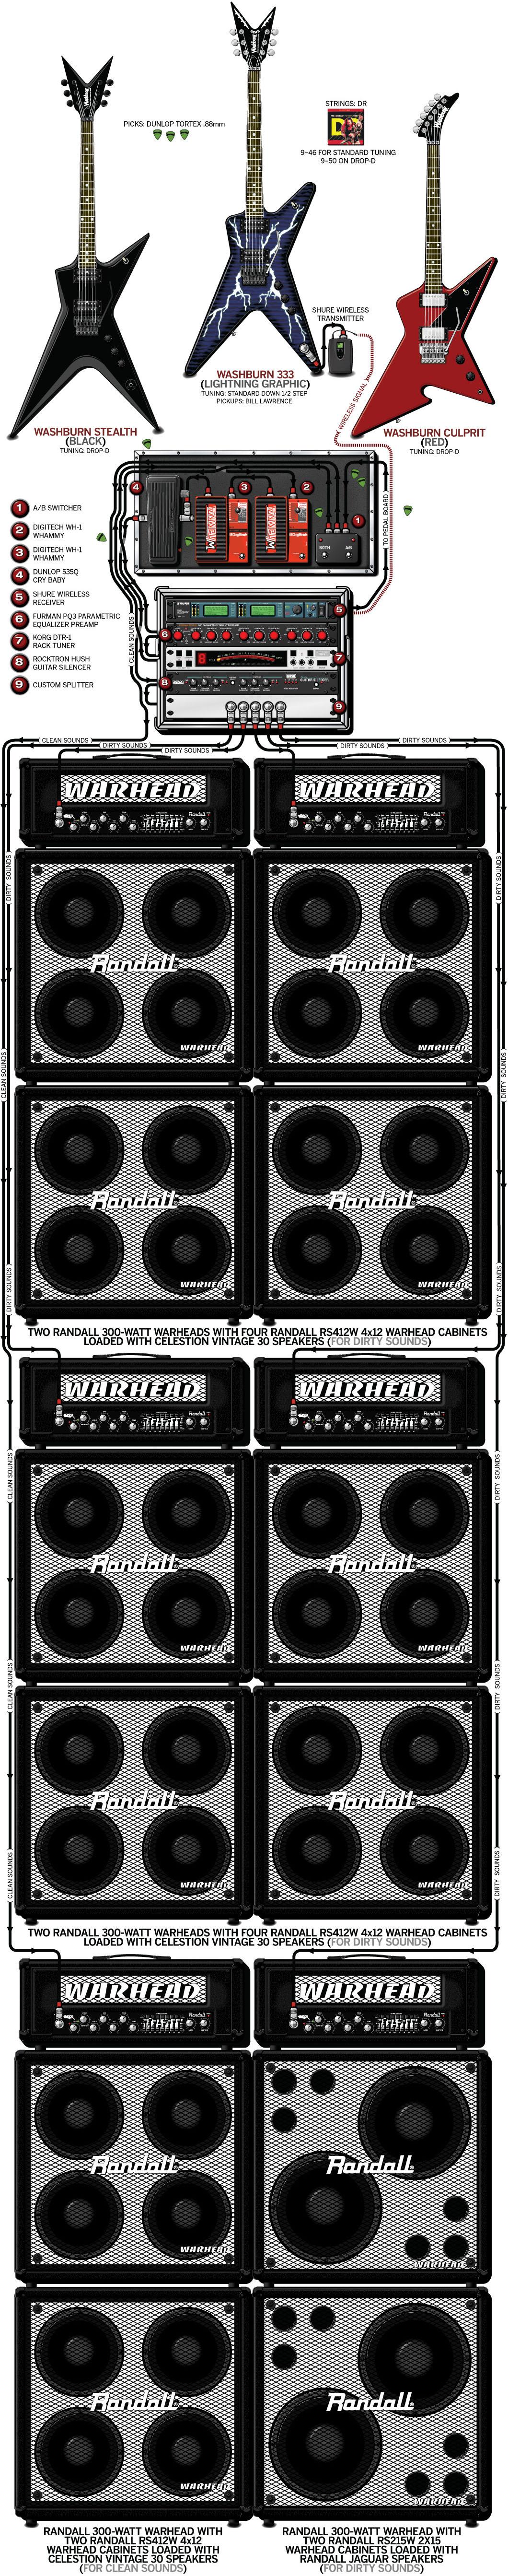 Dimebag Darrell Guitar Gear & Rig – Pantera – 2000